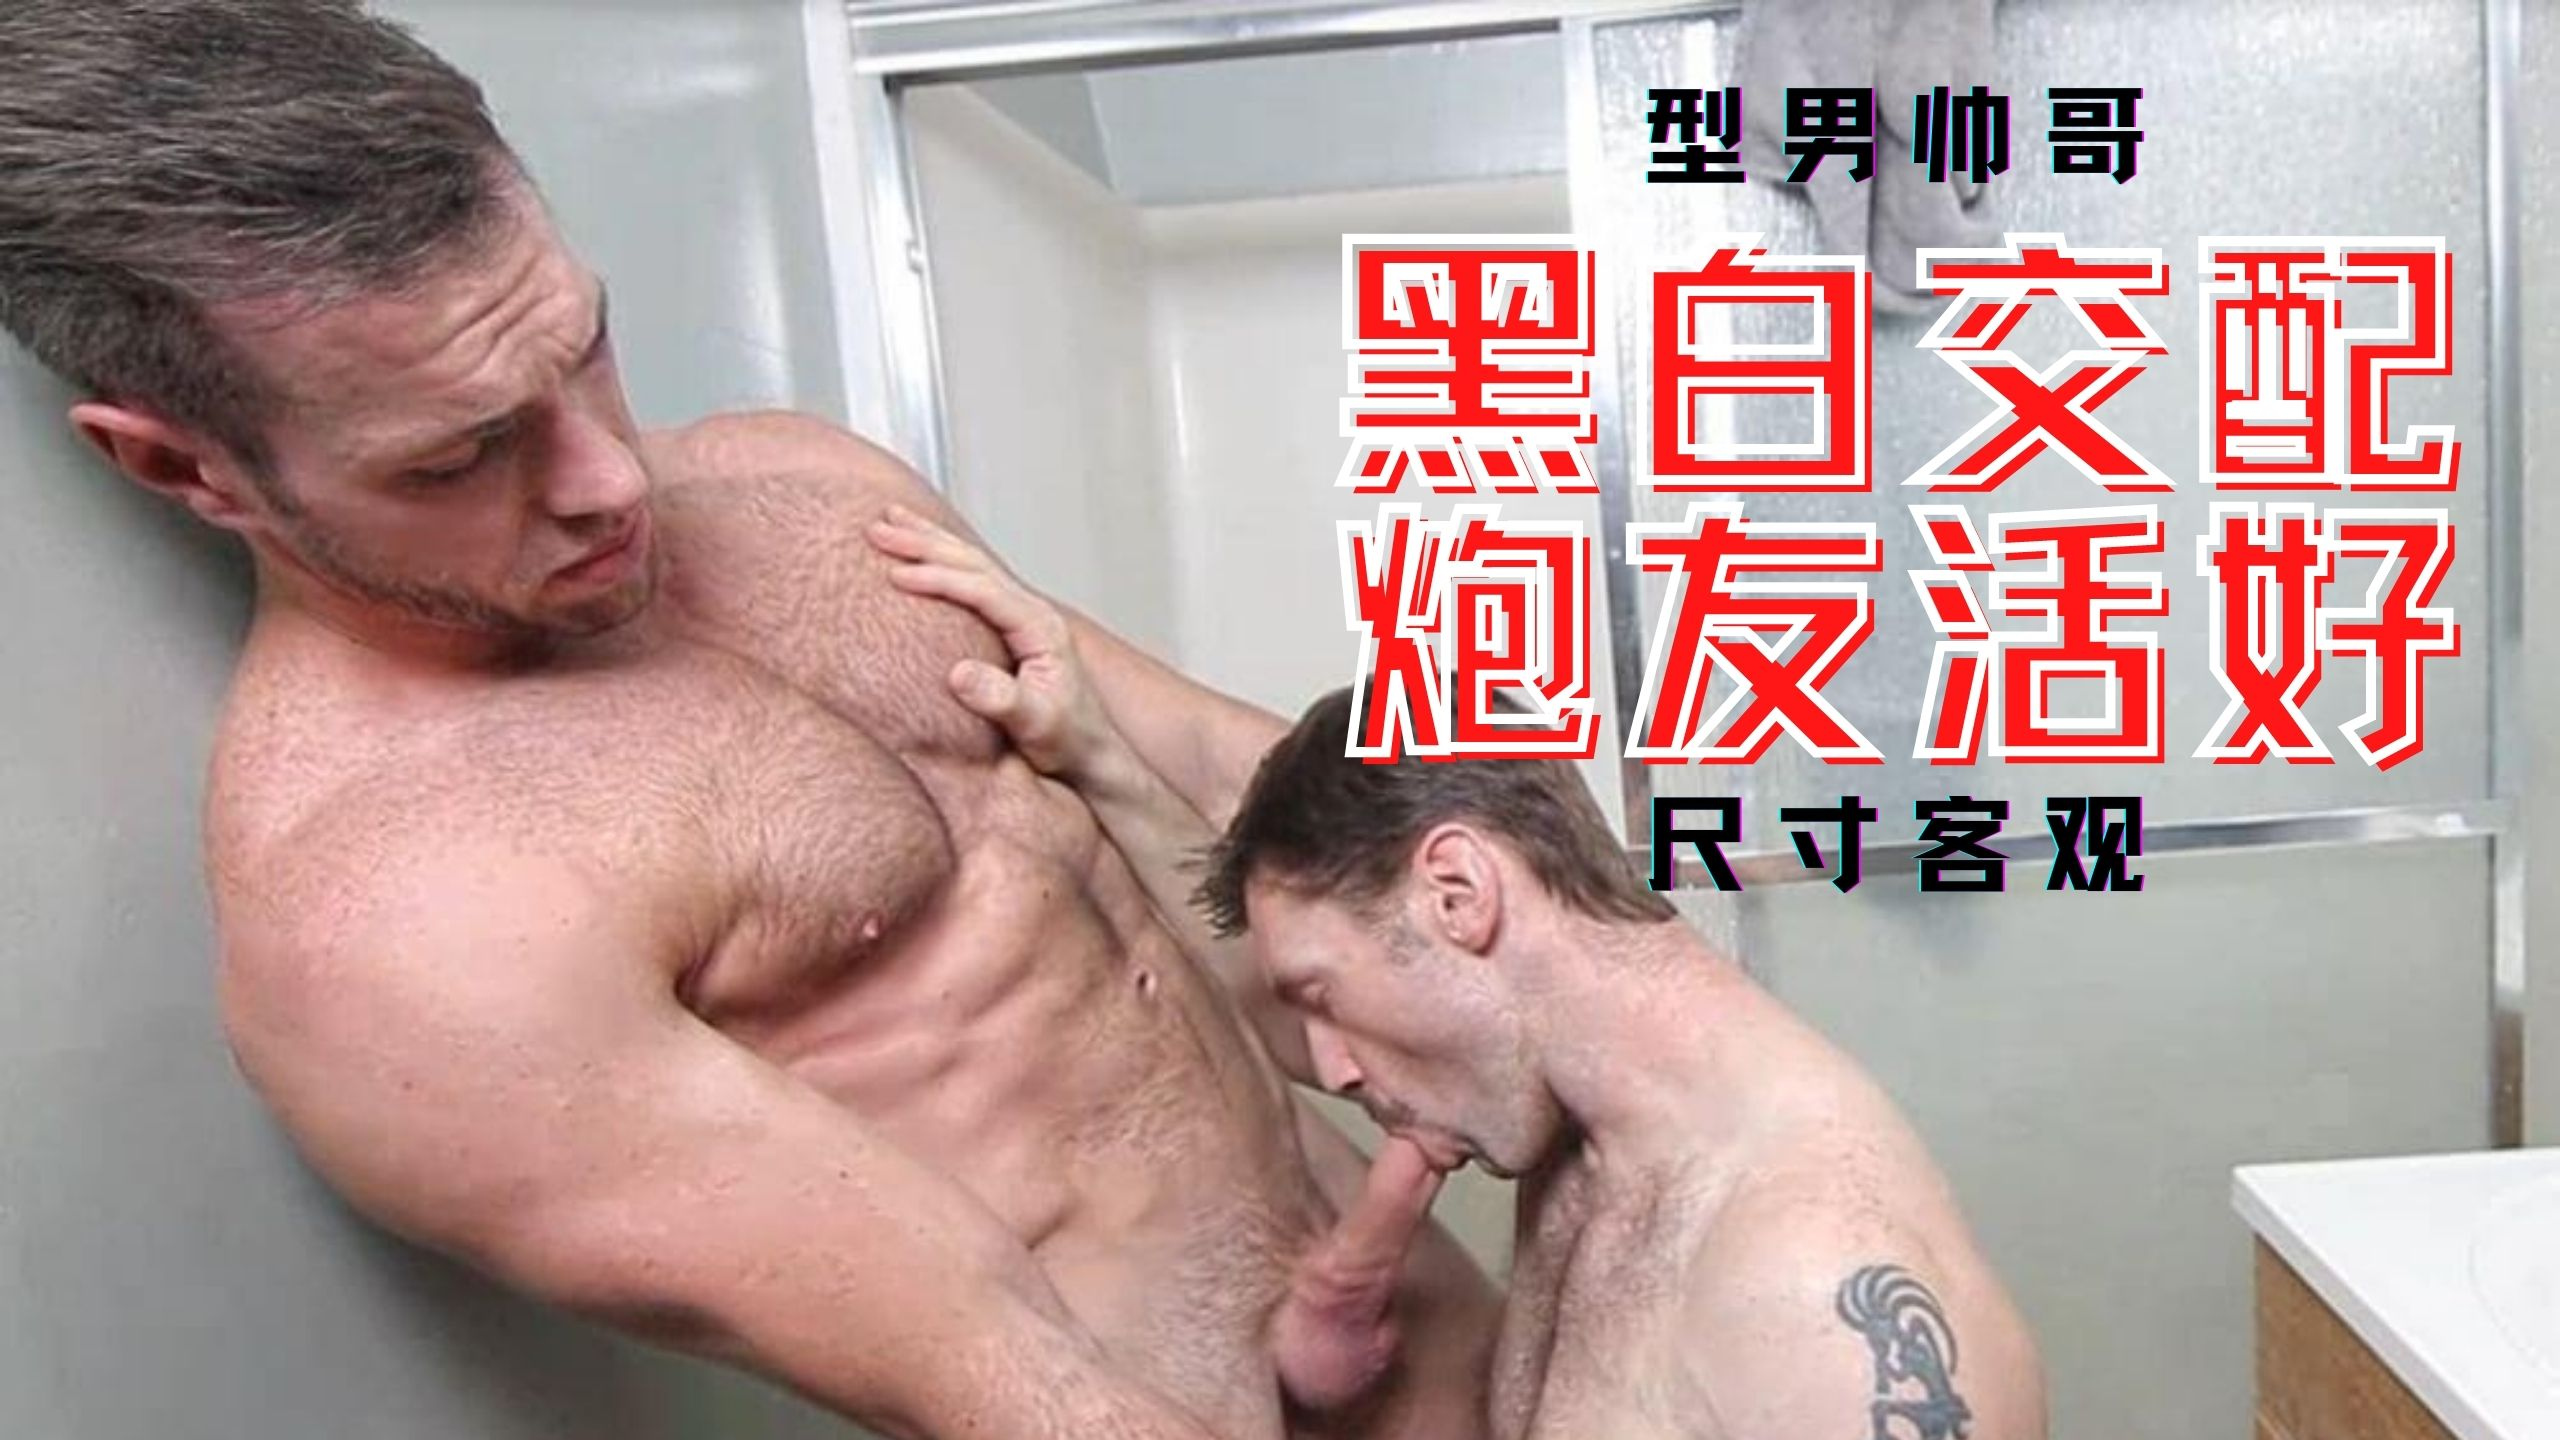 肌肉男在厕所吃鸡